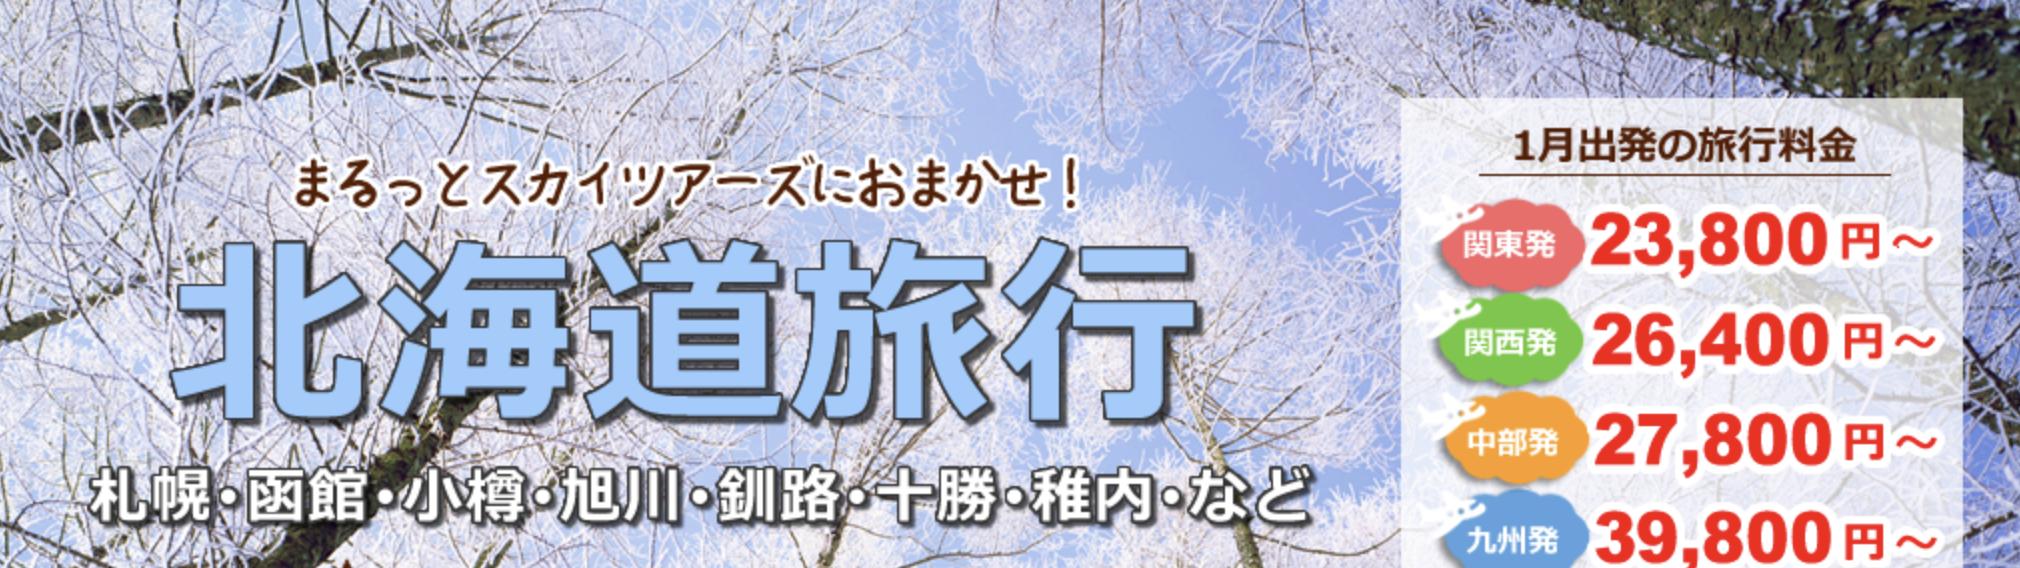 ANAスカイツアーズの北海道特集キャンペーン